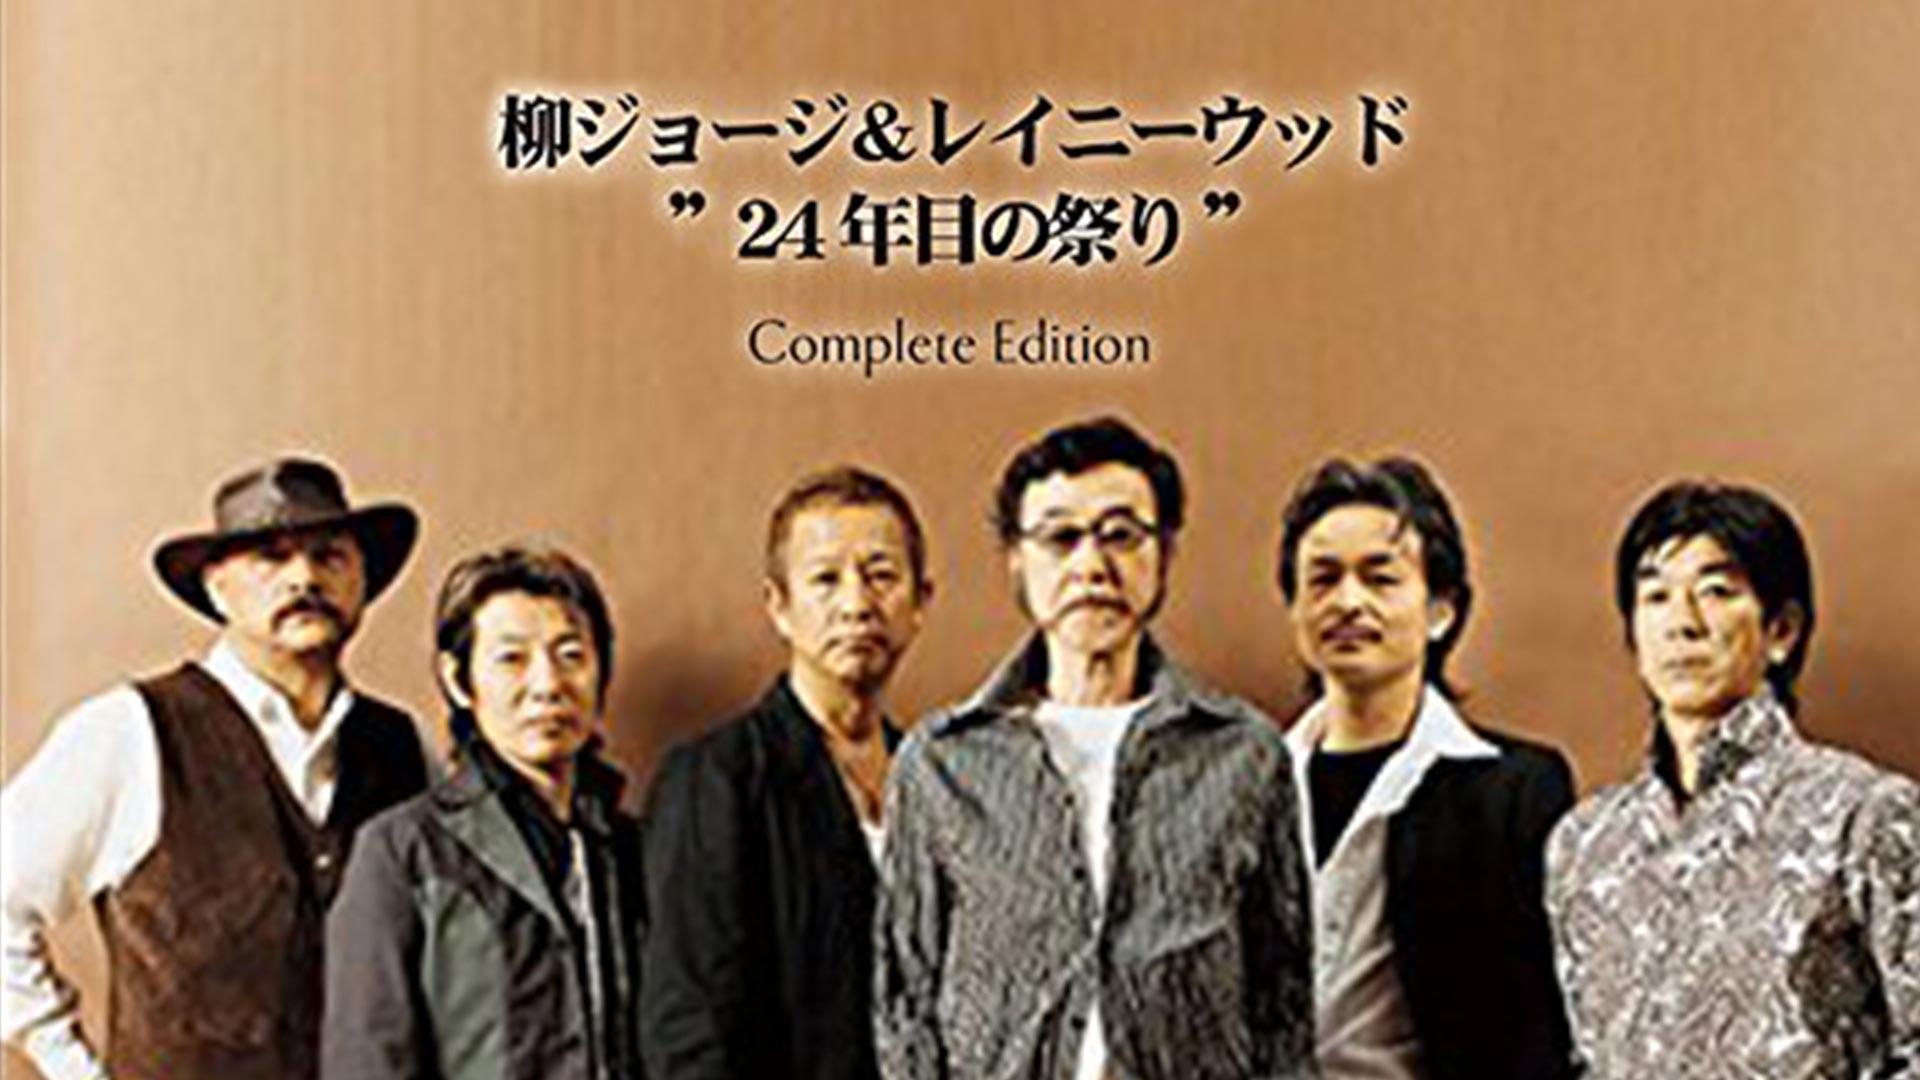 柳ジョージ&レイニーウッド 24年目の祭り Complete Edition